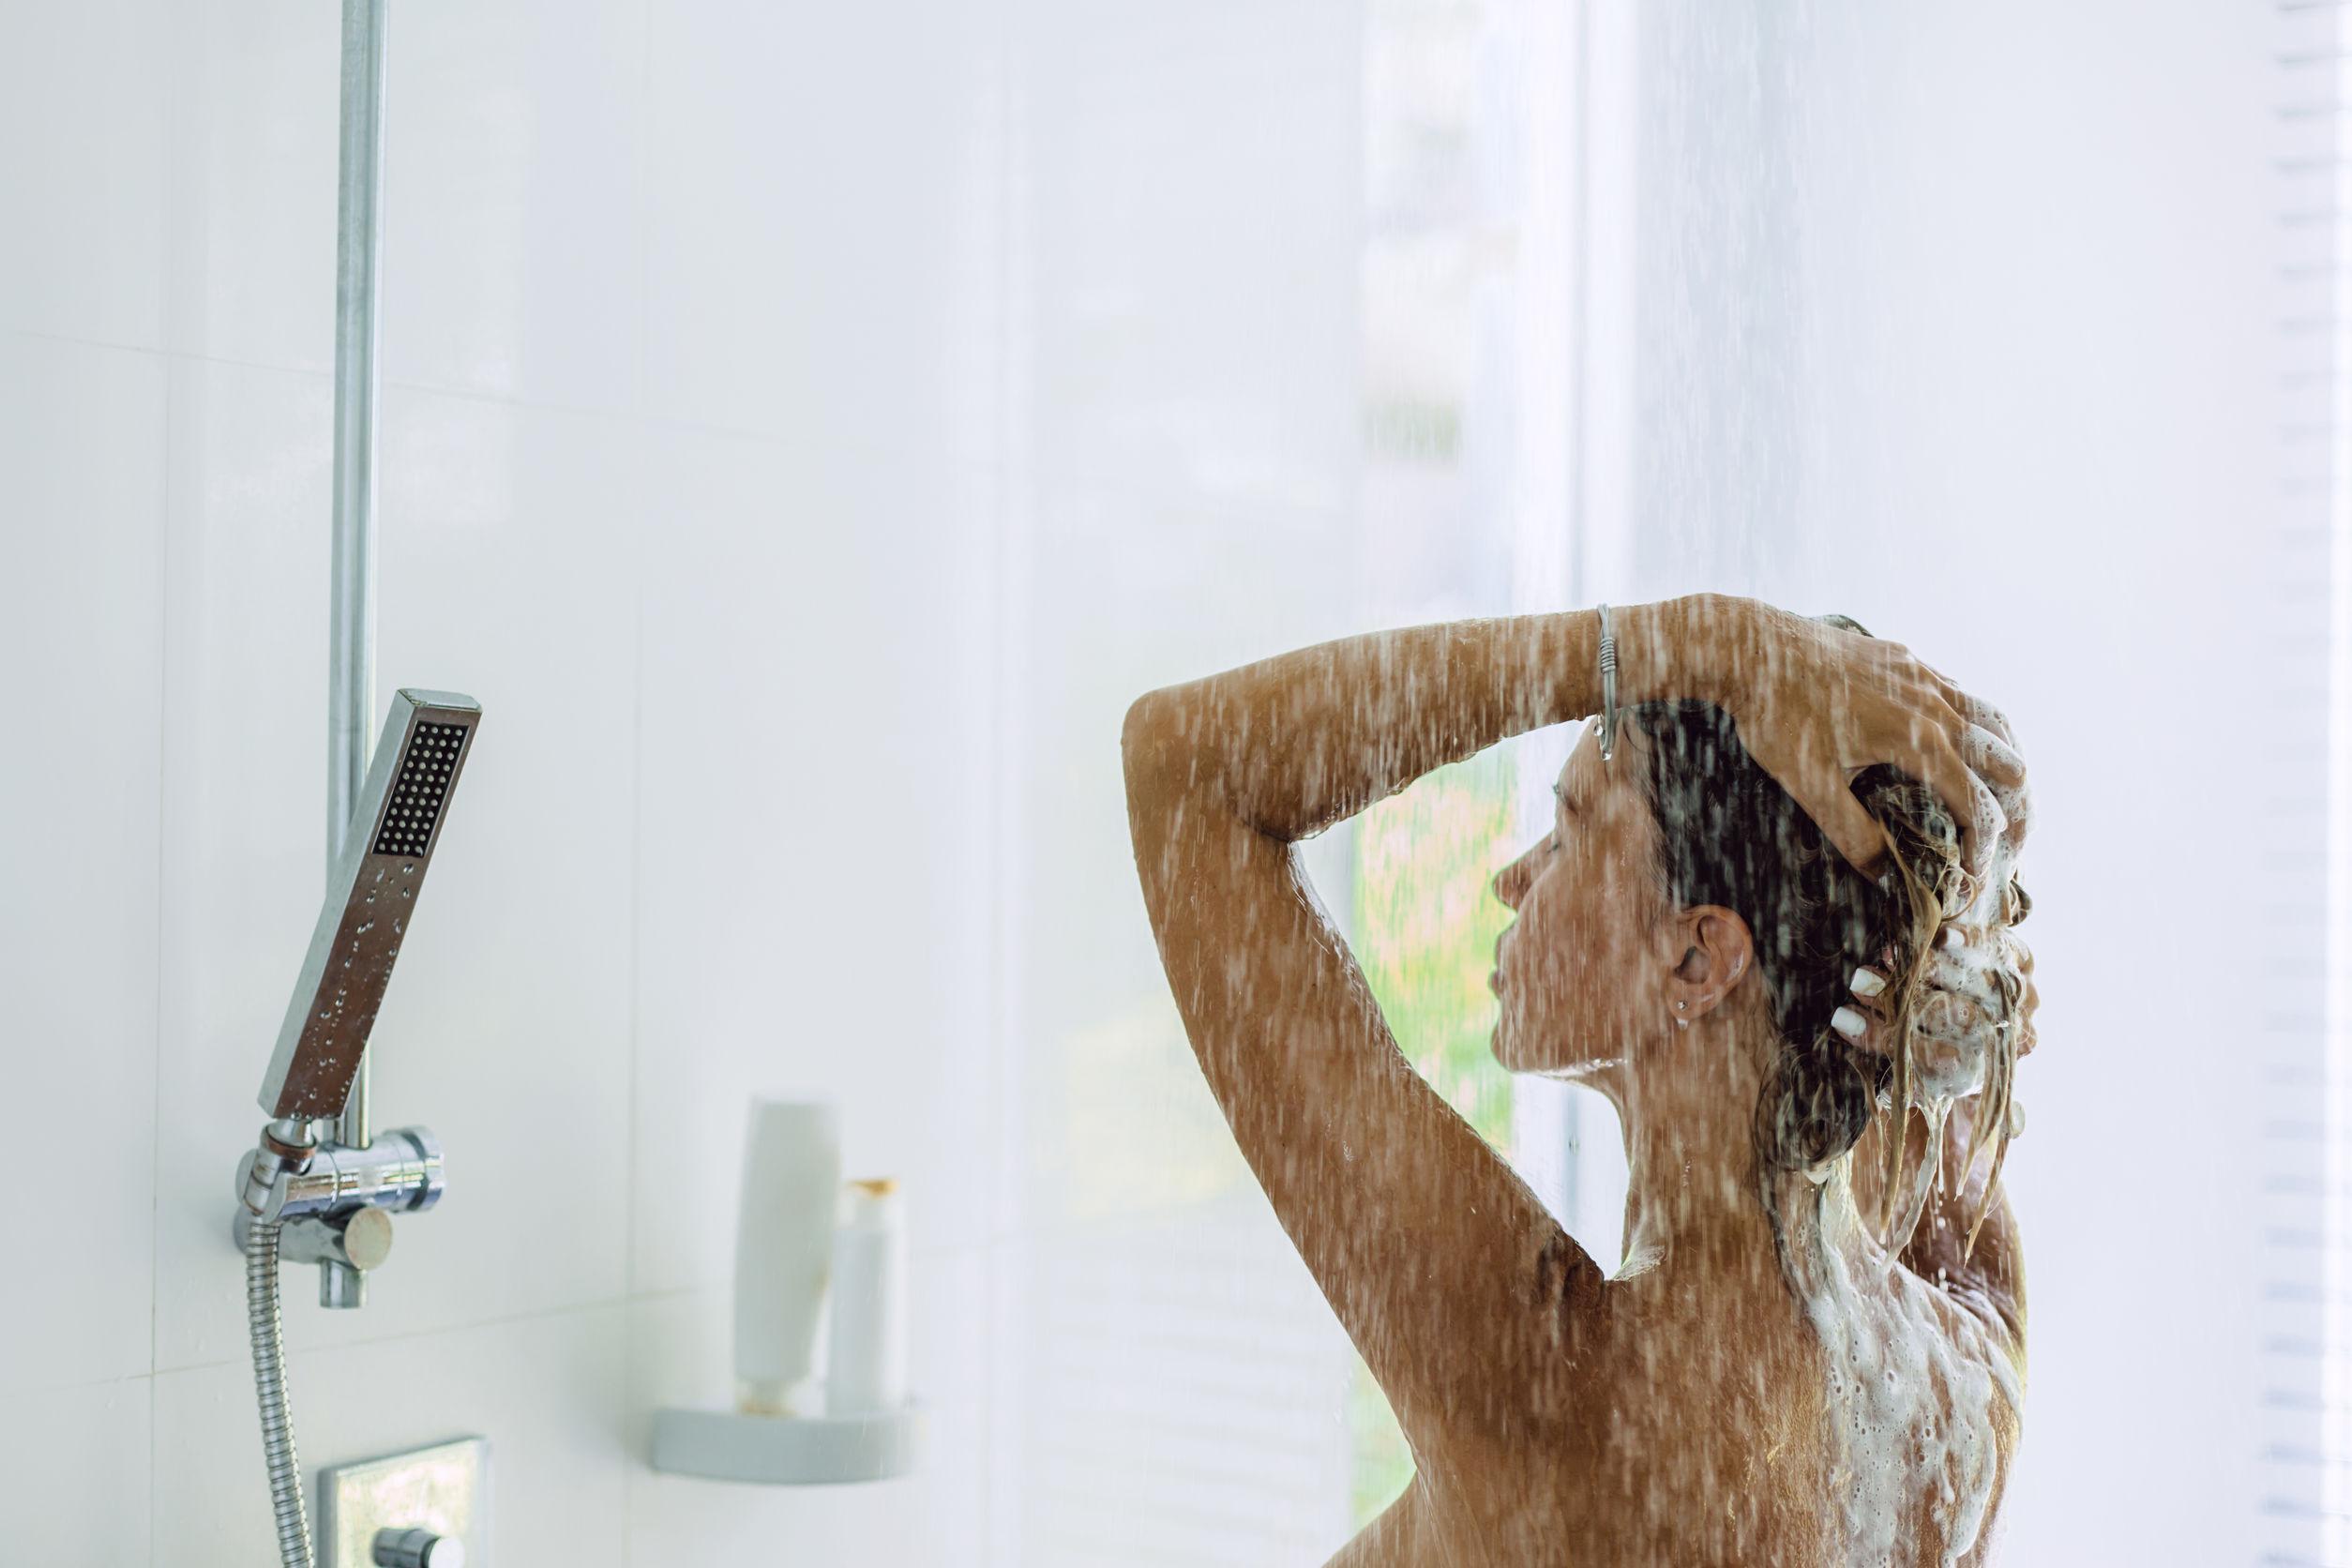 Foto de uma mulher tomando banho e lavando o cabelo em um banheiro com parede branca.